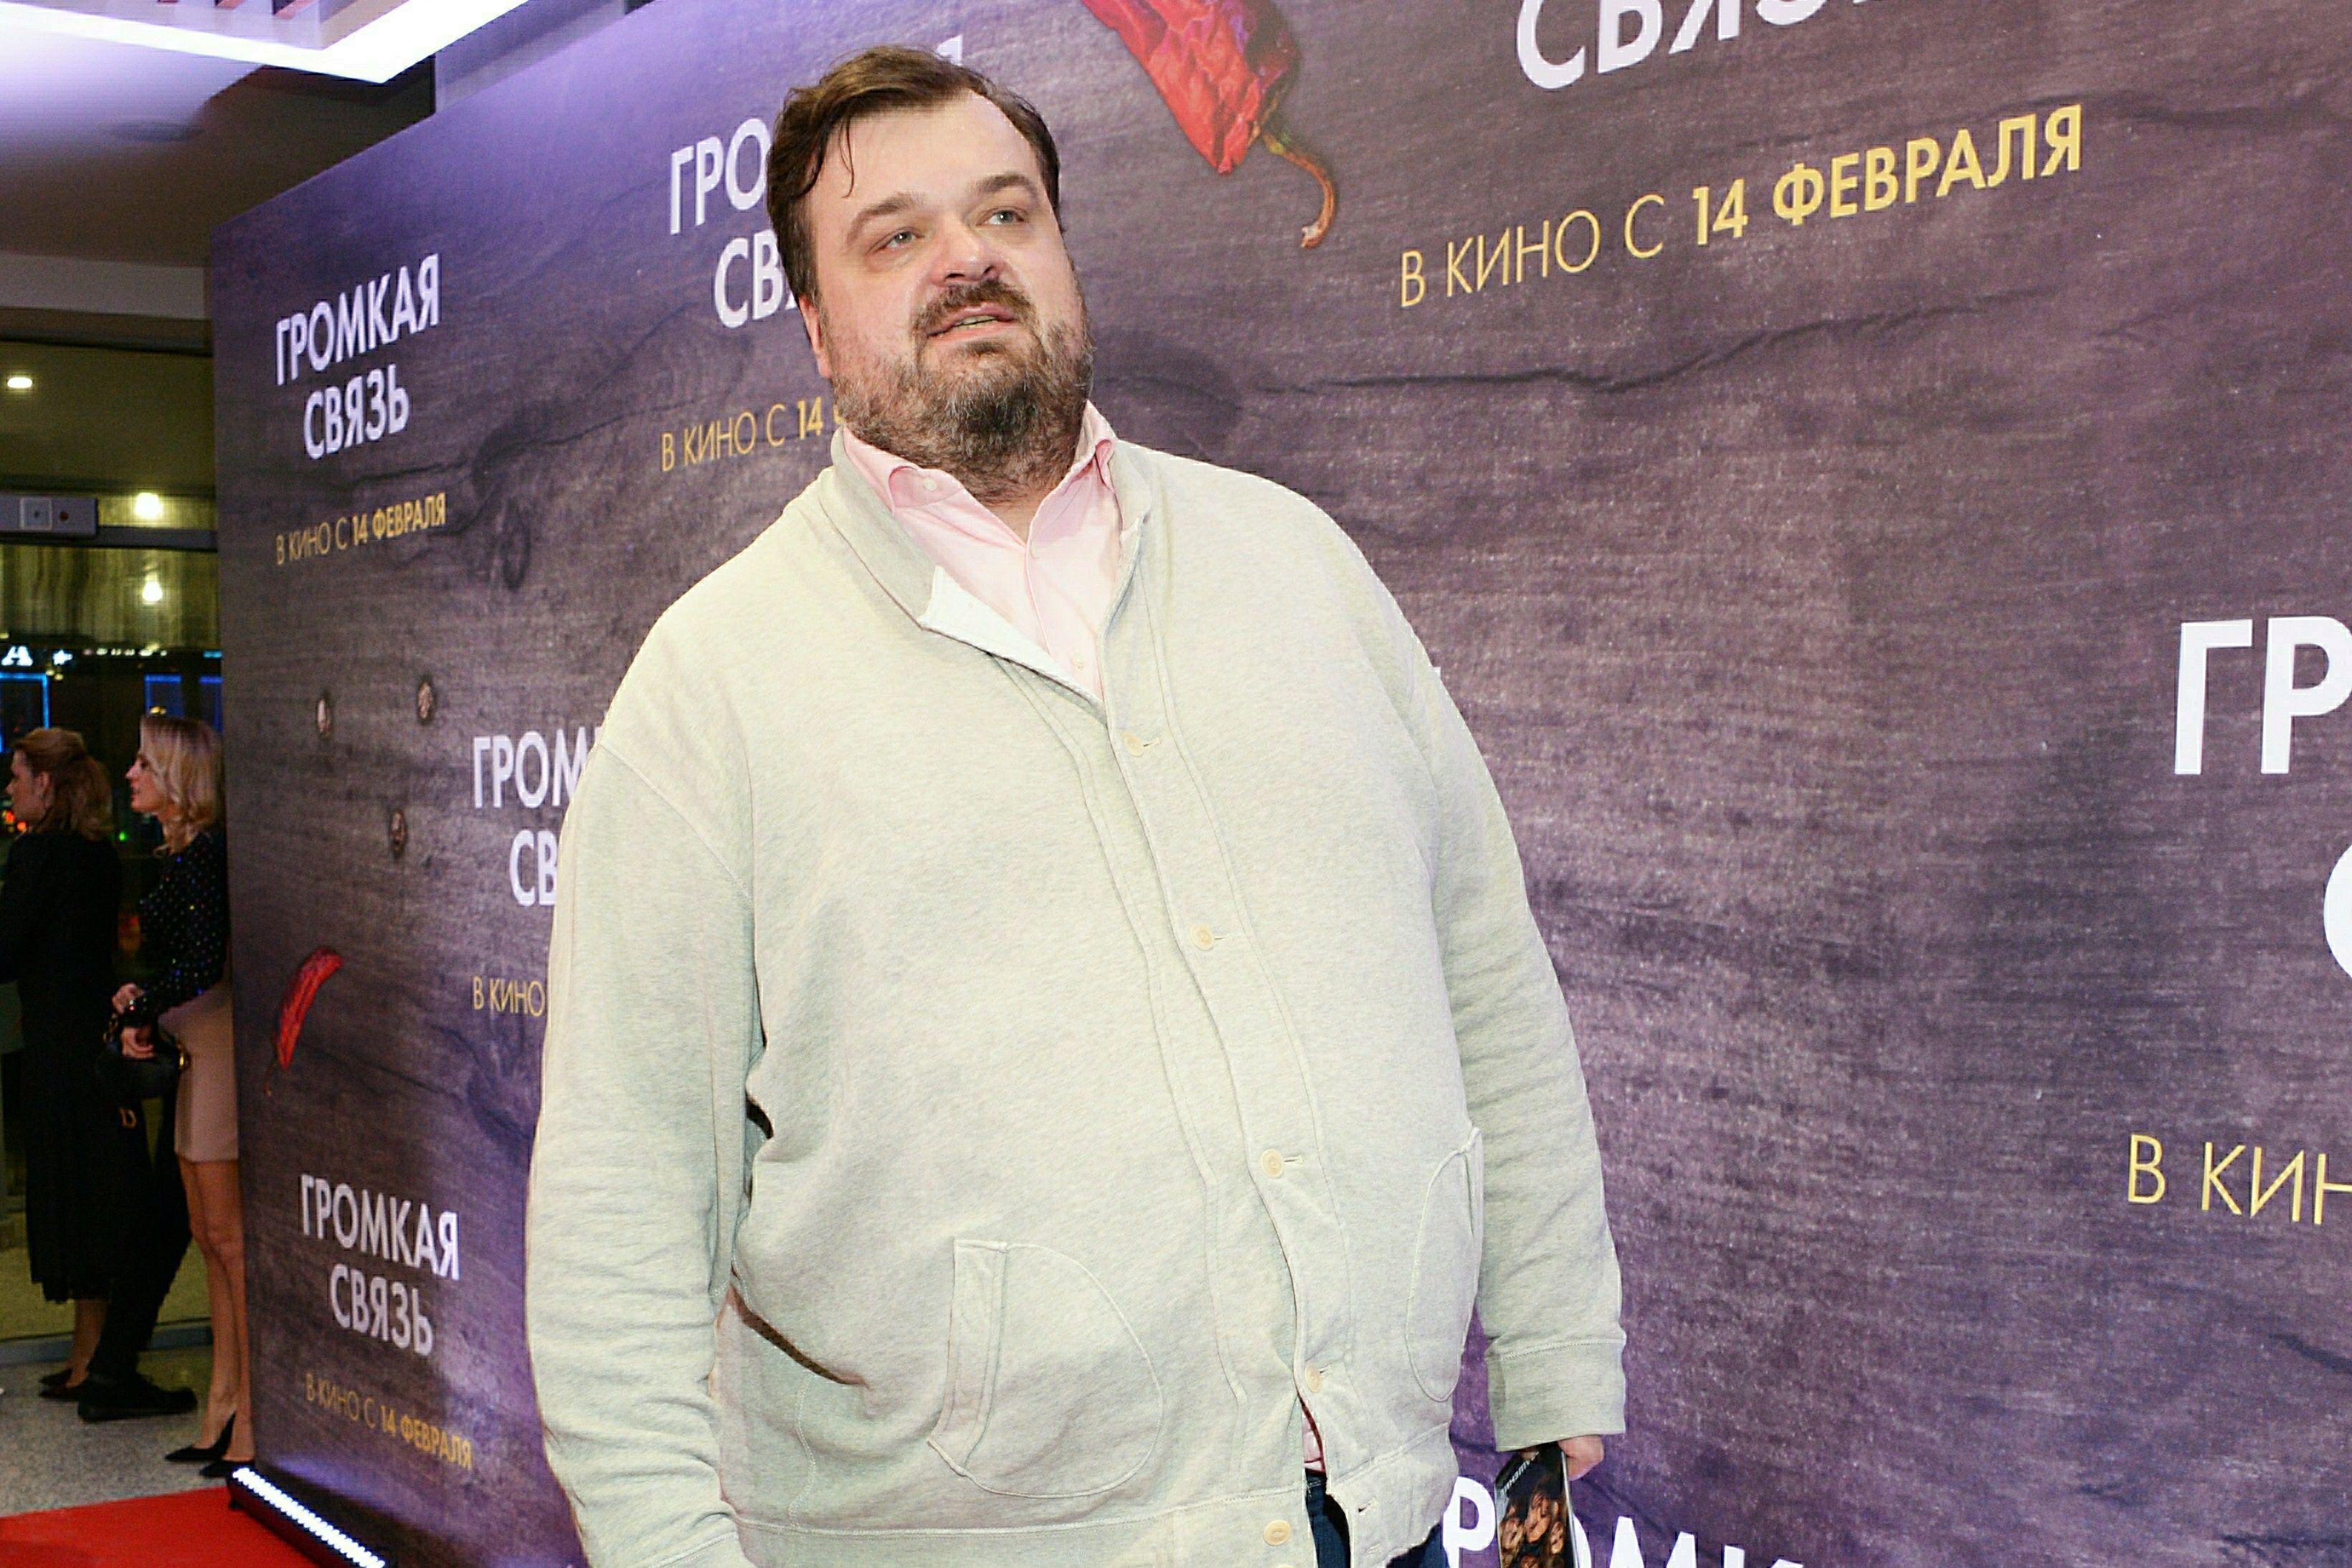 Уткин: 'Заплатил бы деньги, чтобы узнать, как 'Краснодар' выбирал Гончаренко на пост главного тренера'